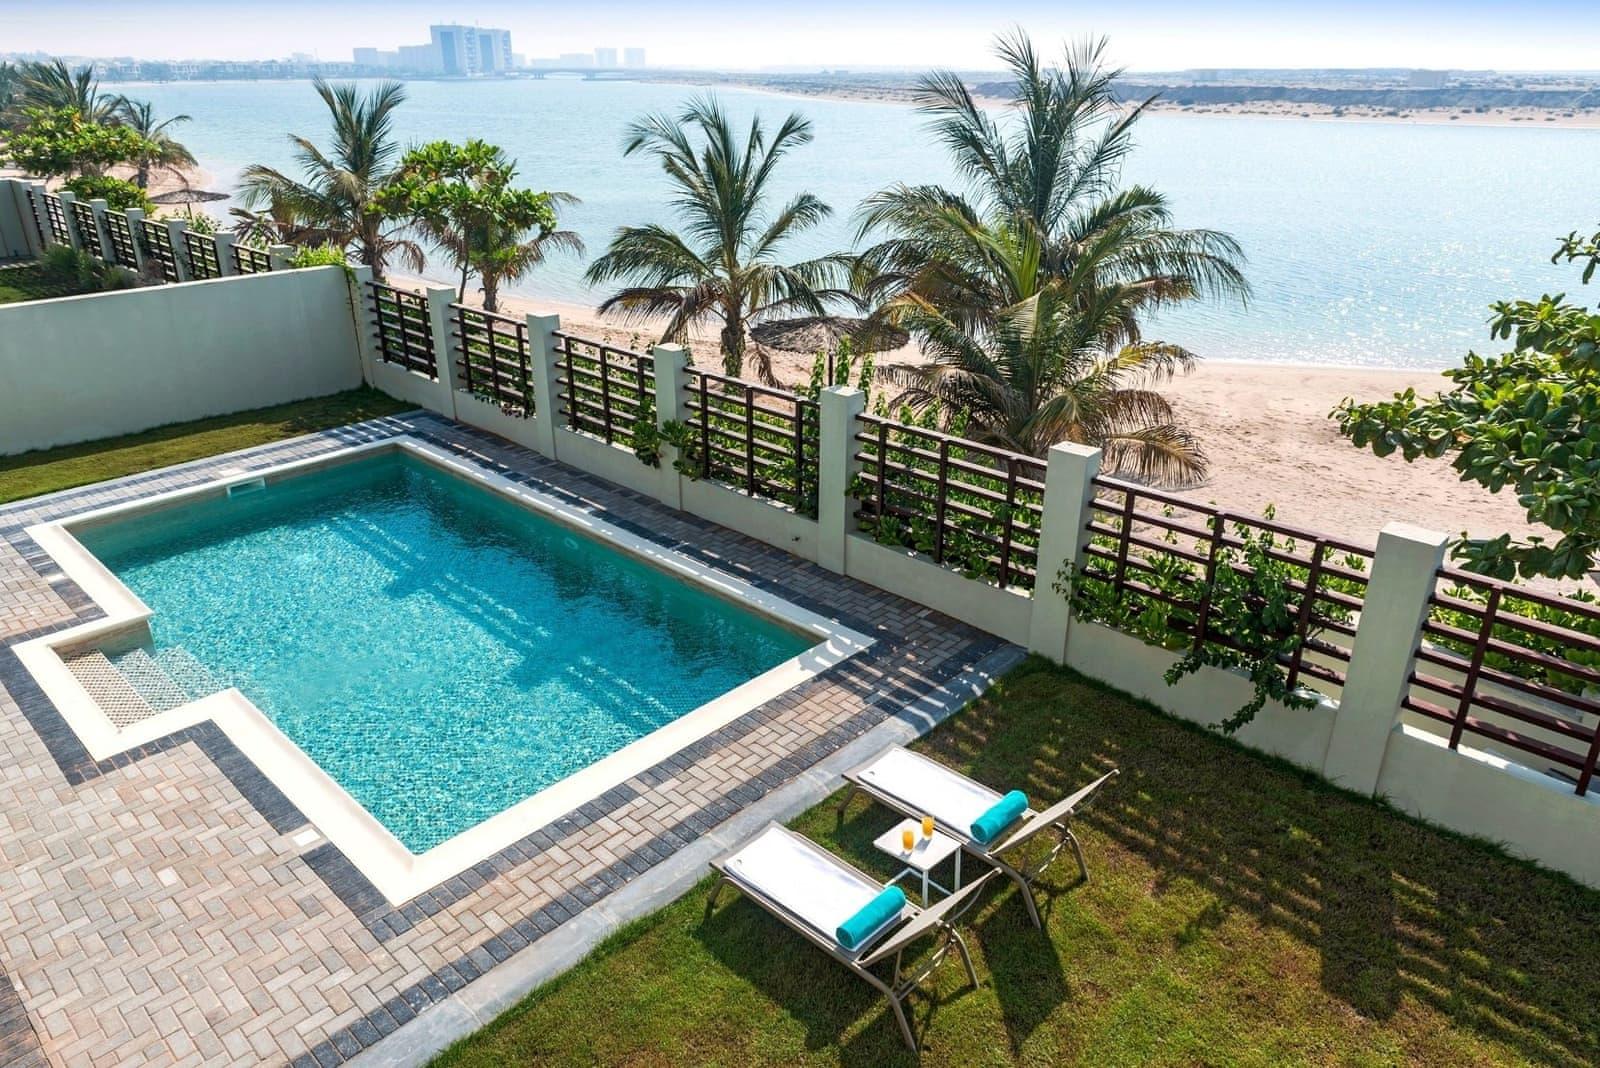 Jannah Hotel Apartments and Villas